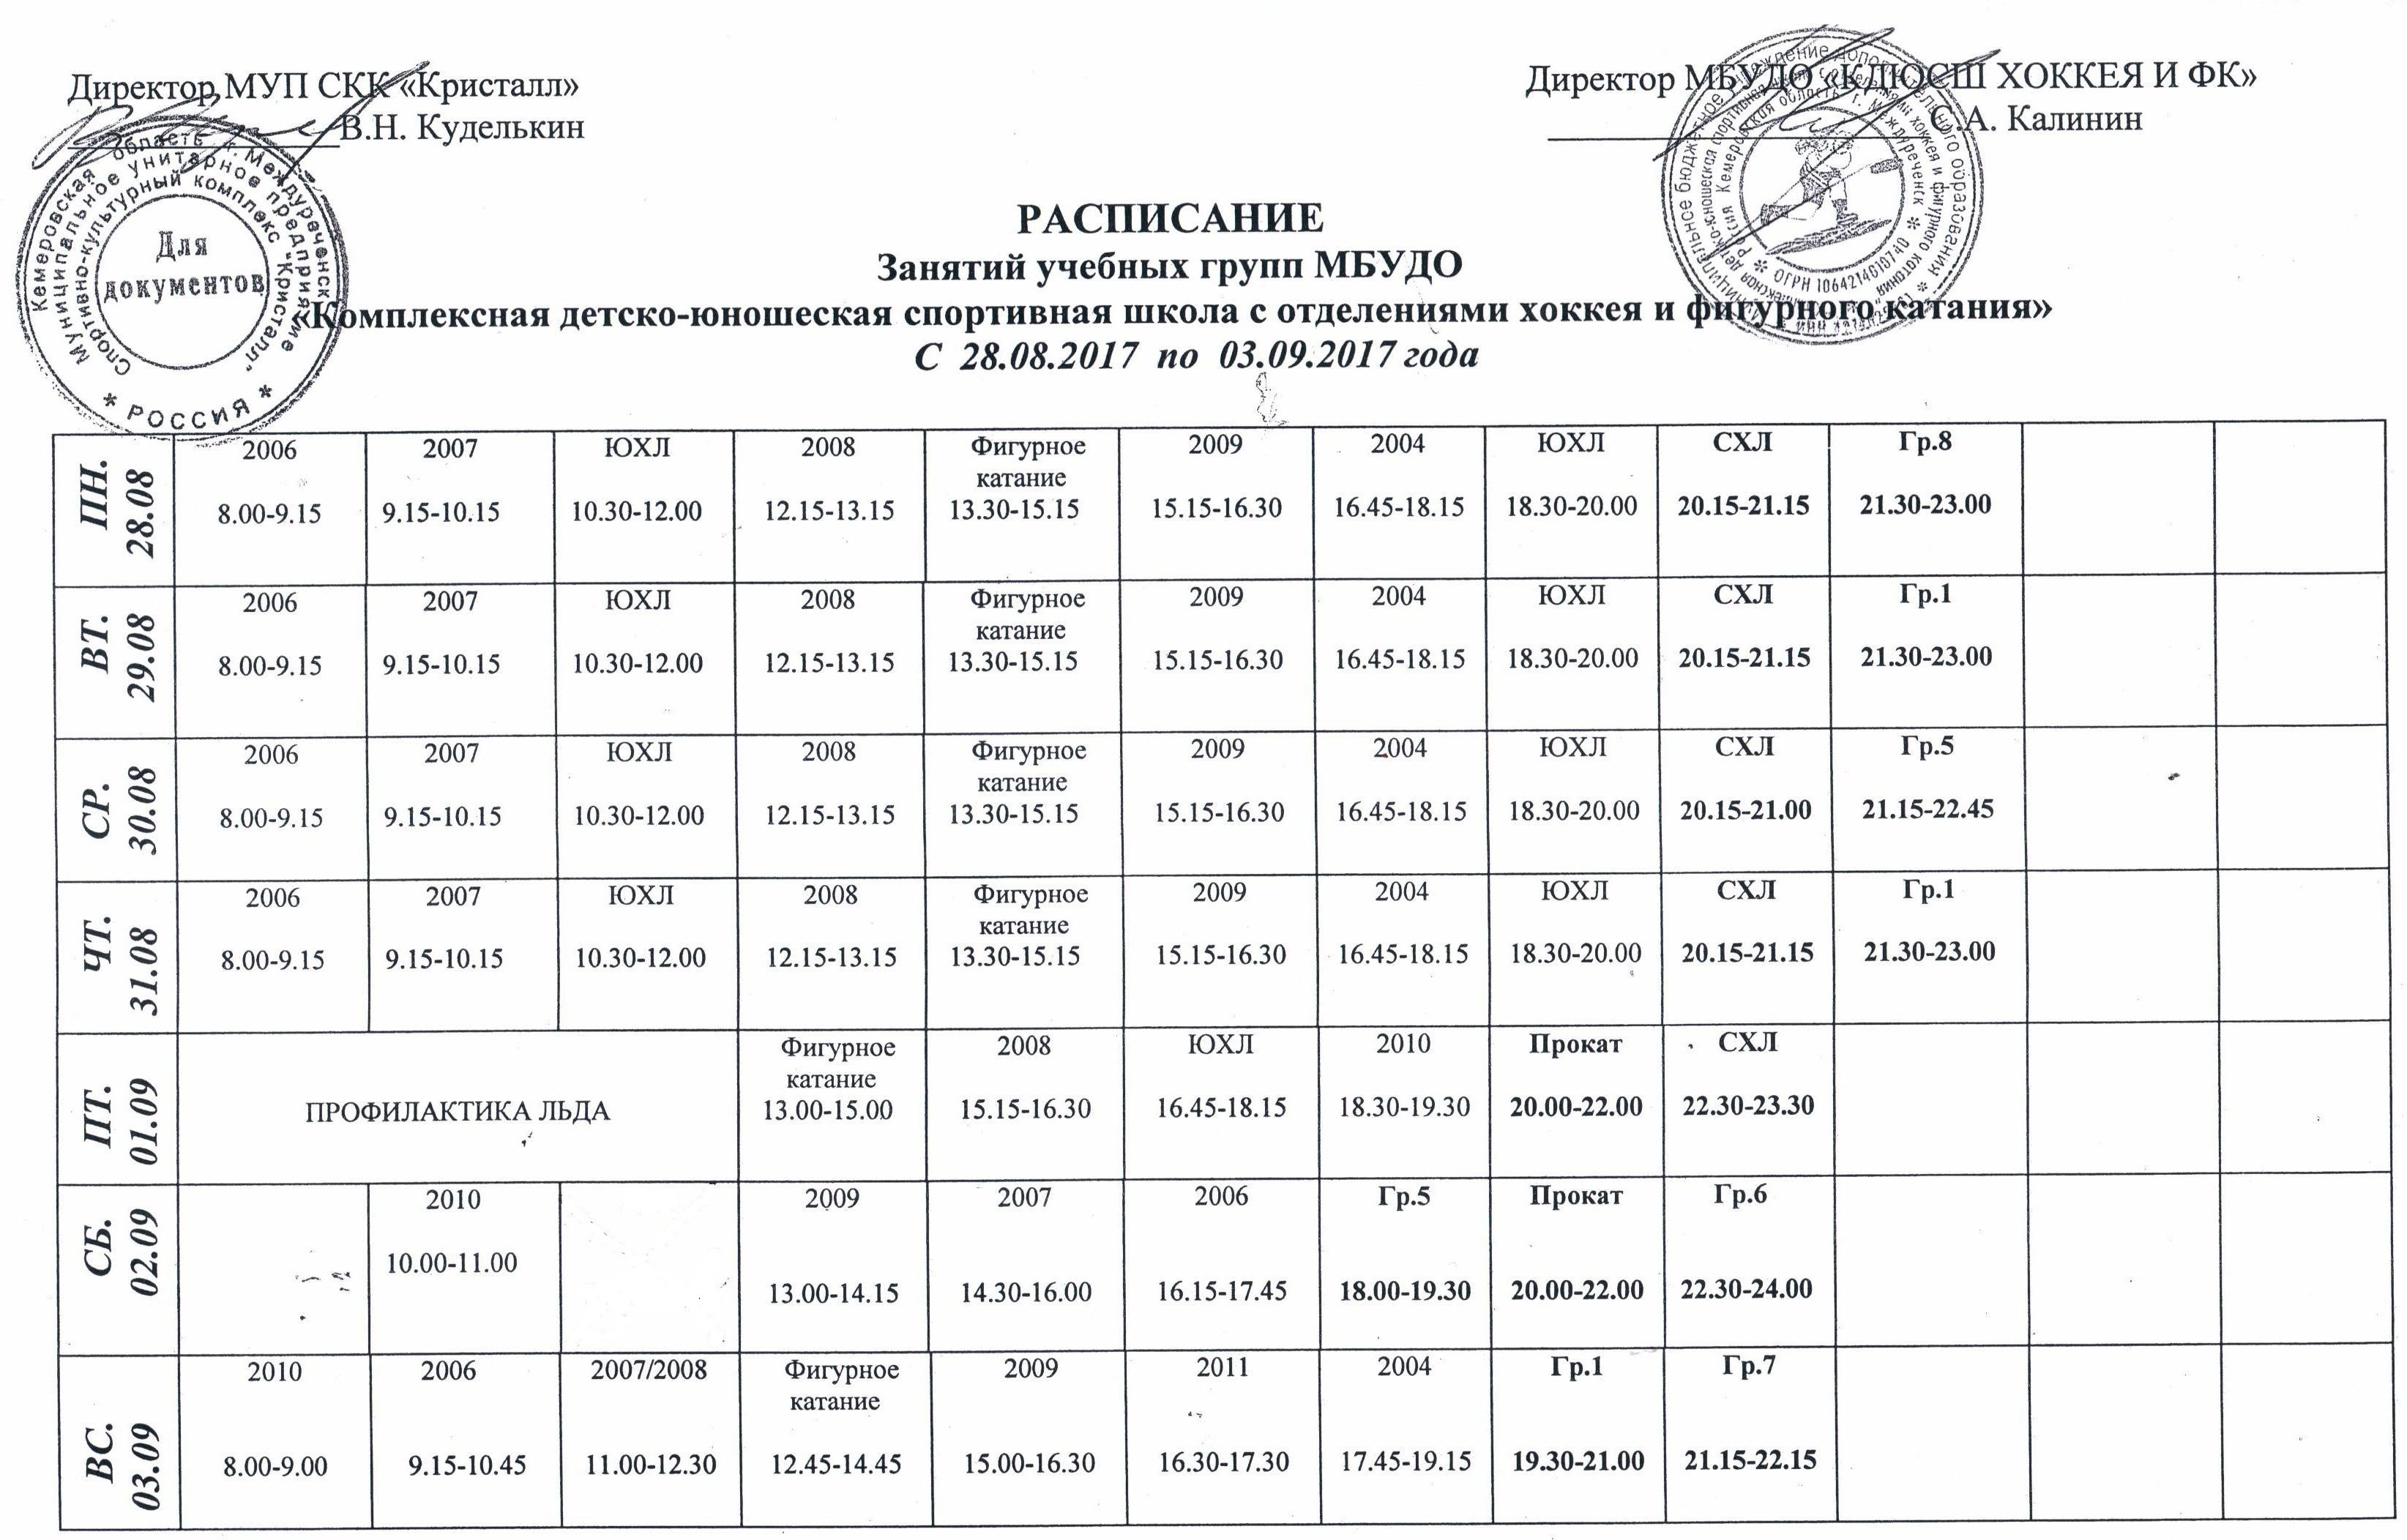 ледовый дворец лобня расписание 2016 лучшая работа Казахстане